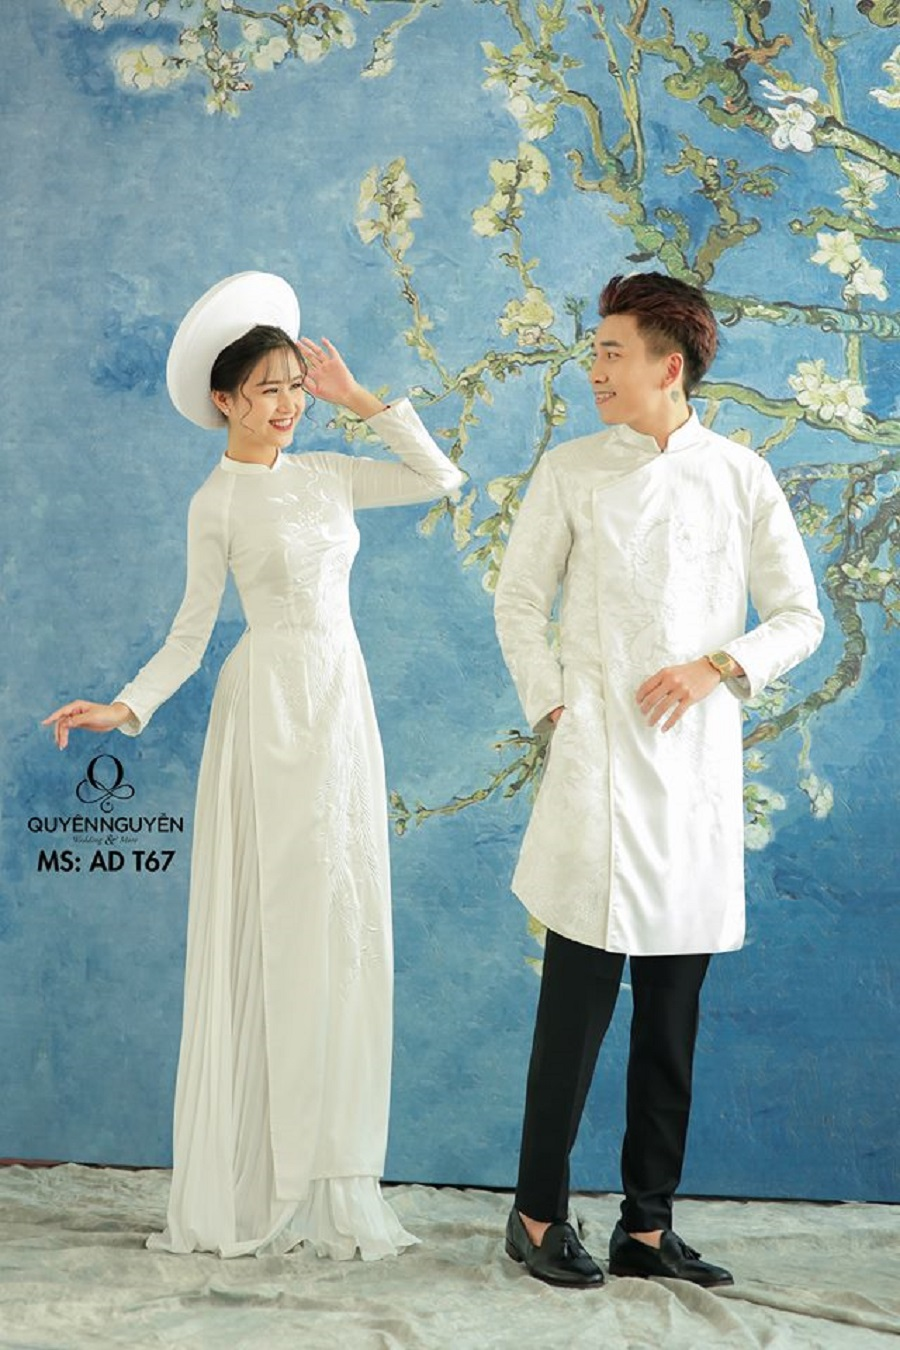 Áo cặp đôi màu trắng thêu họa tiết long phượng